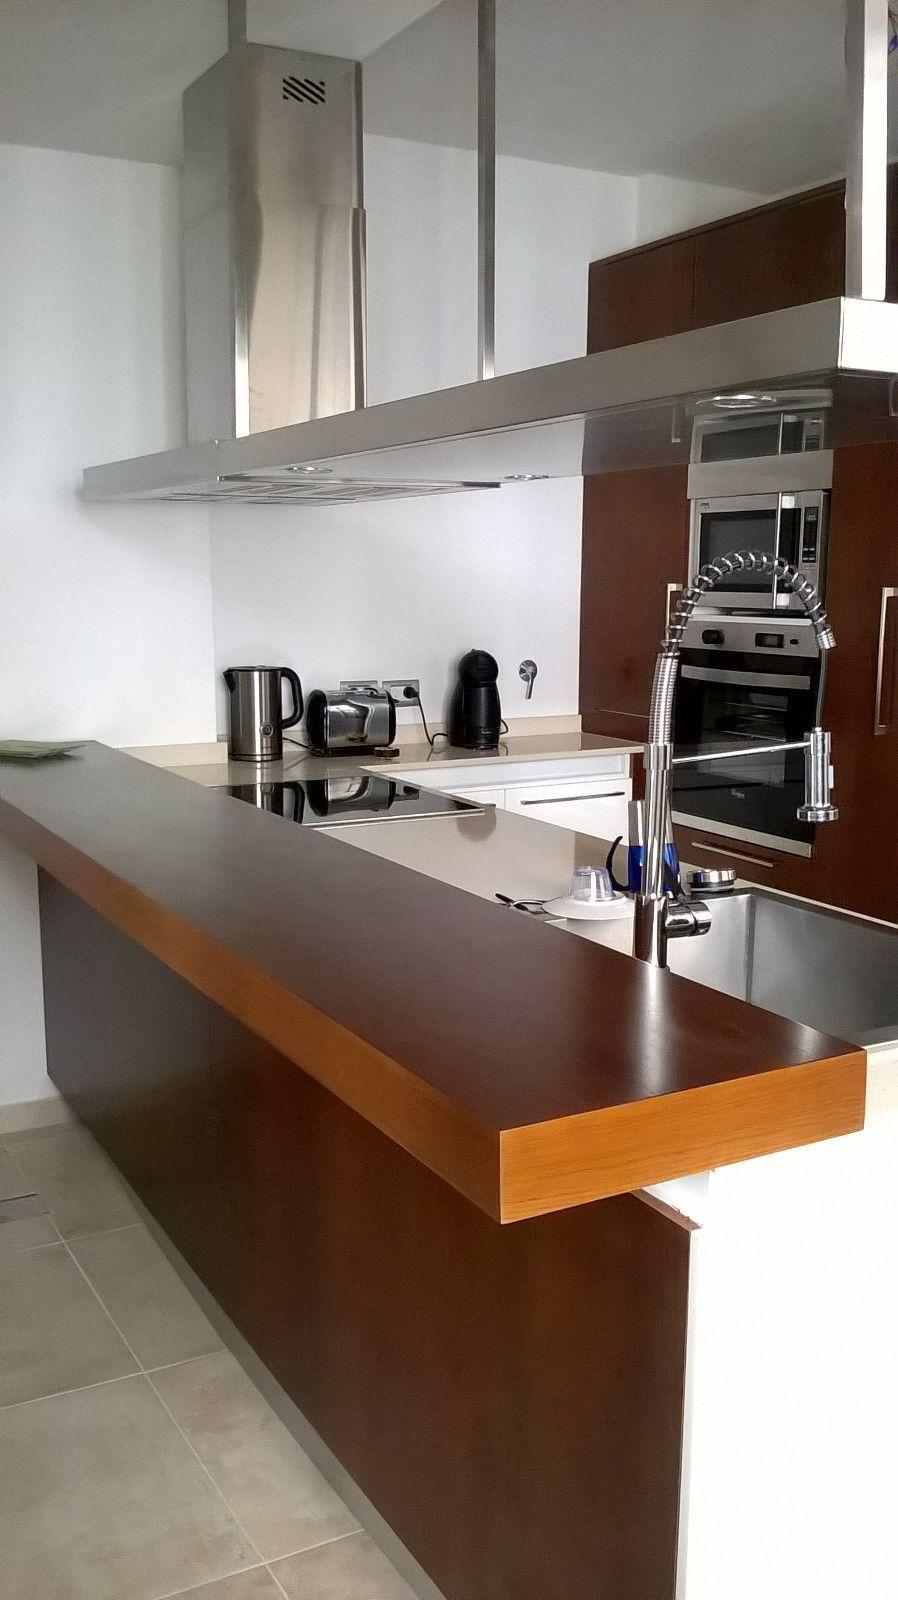 L nea continental laqueado brillante se combin la barra - Cocinas con barra ...